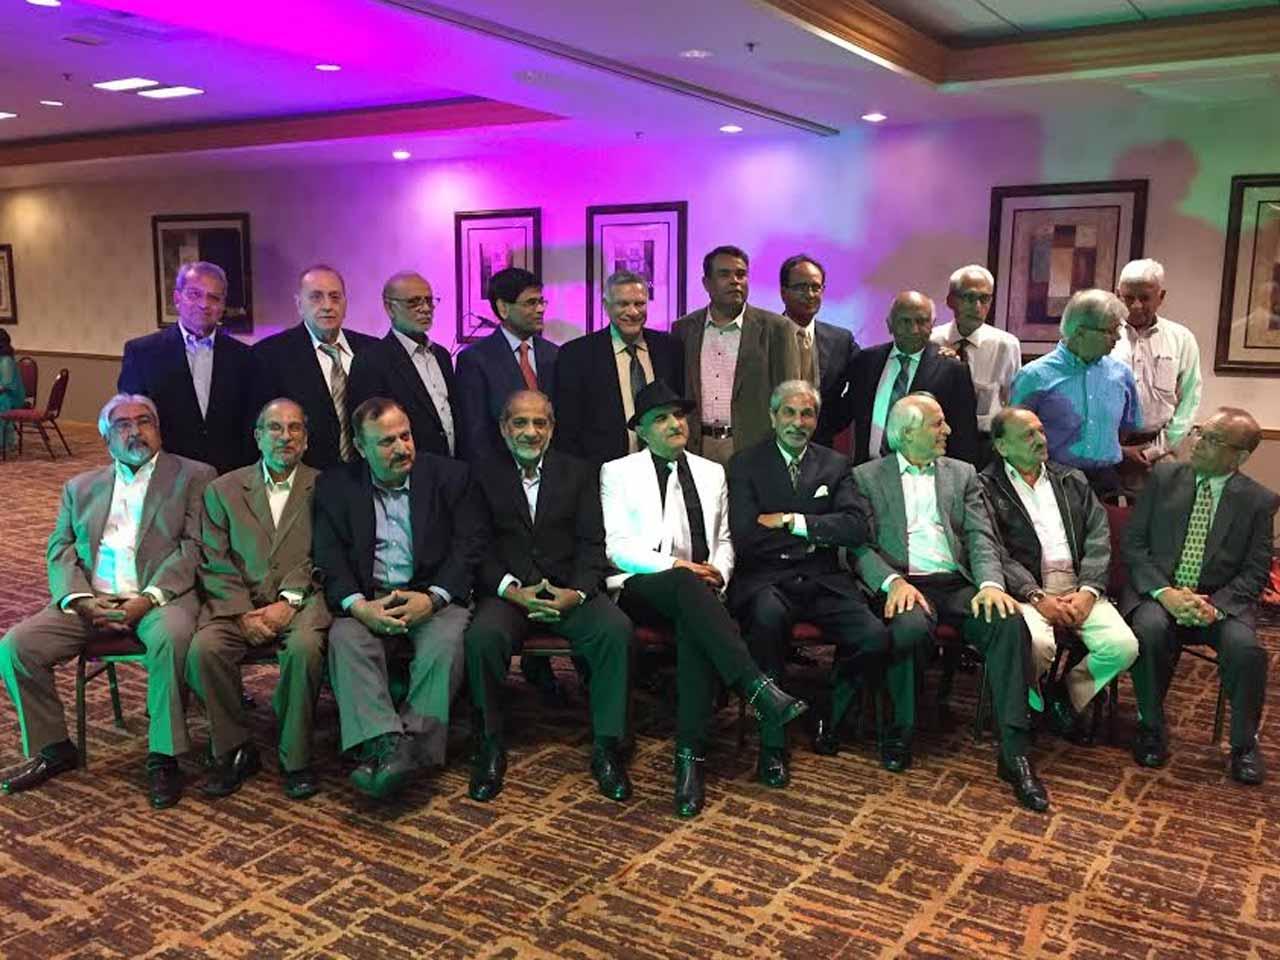 Sitting L to R: Khalid Razzaki, Hamid Ul Haque, Suhail Qureshi, Khalid Mushtaq, Ashraf Habibullah, Pervez Randha, Shahnawaz, Umar, Irshad - Standing : Tariq, Asif, Wajahat, Shakeel, Majid, Jawaid, Iqbal, Rahib, Adeel, Moin